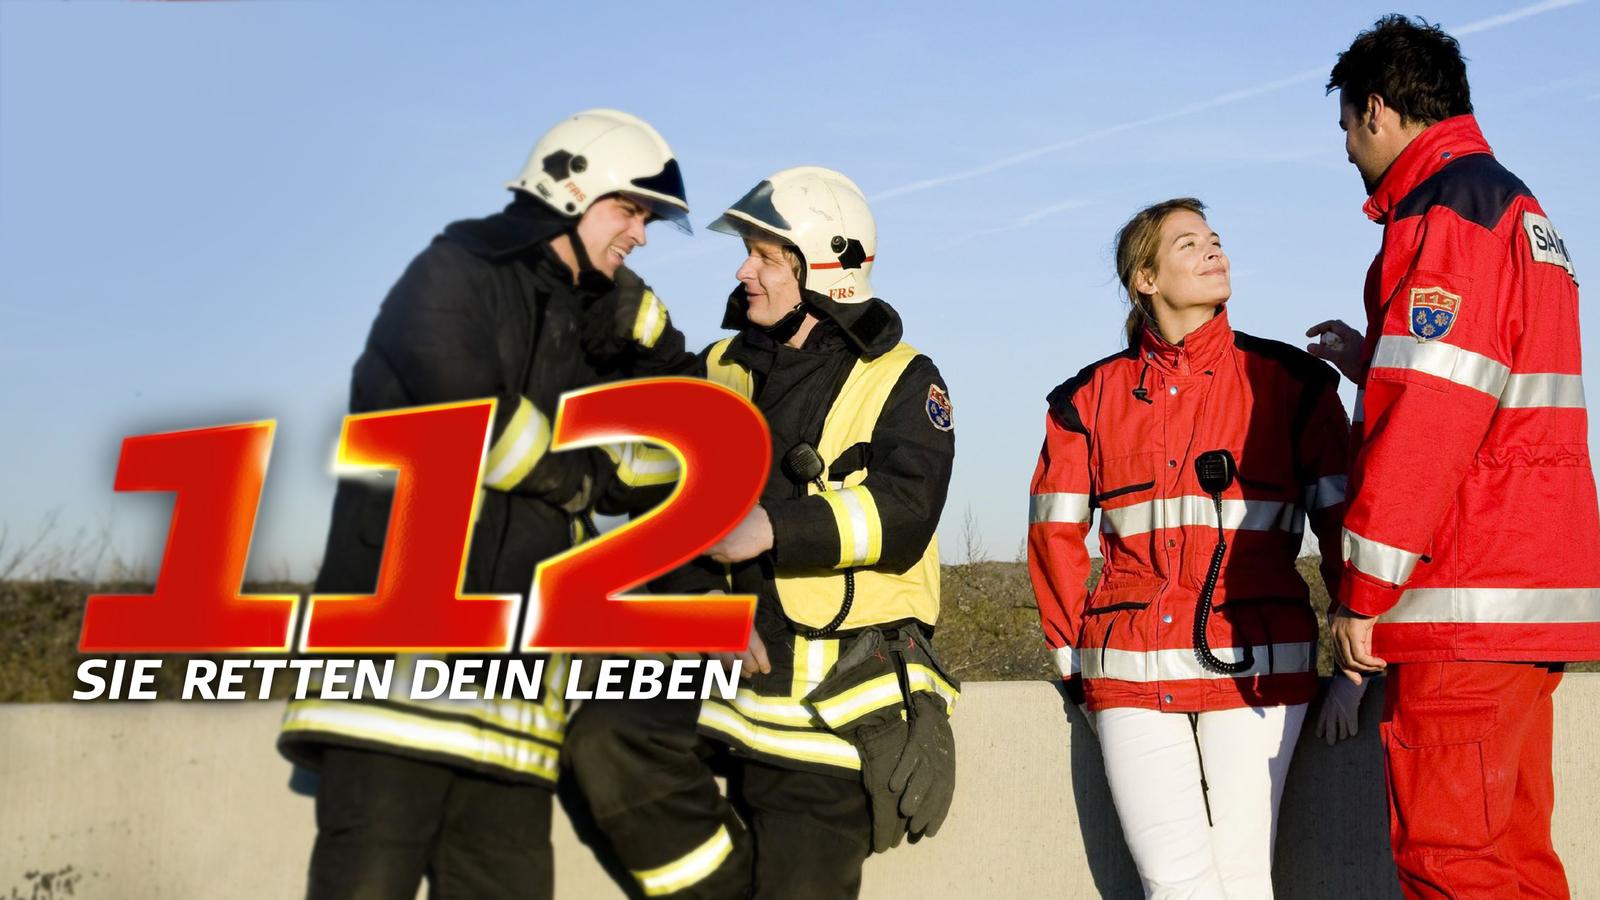 Dein sehen online retten kostenlos leben 112 sie 112 sie